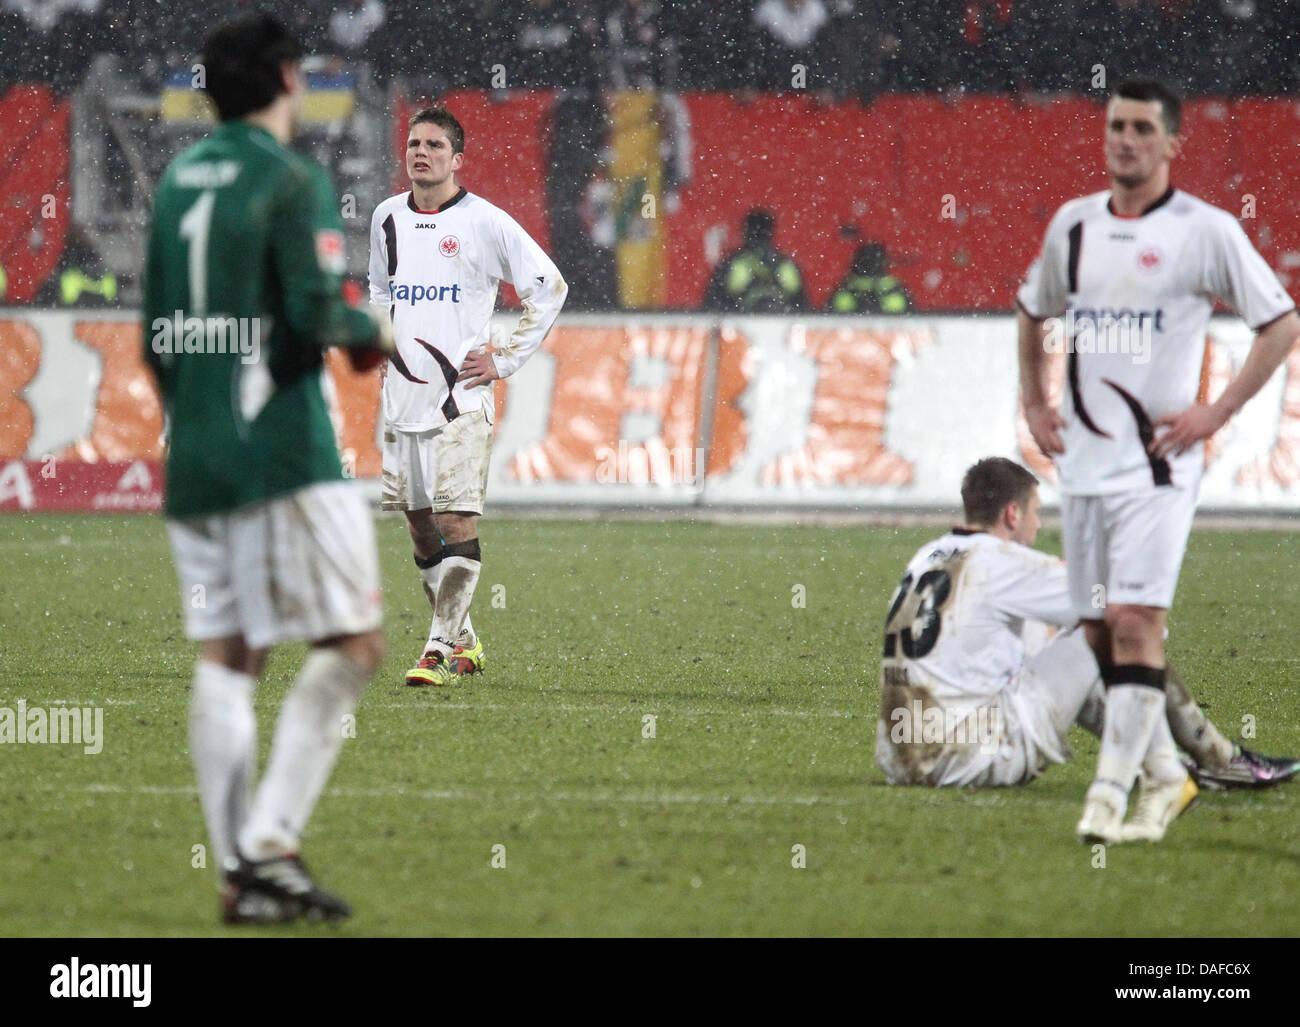 Frankfurts Spieler stehen auf dem Platz enttäuscht nach dem Schlusspfiff in der Bundesliga-Fußball-Spiel Stockbild